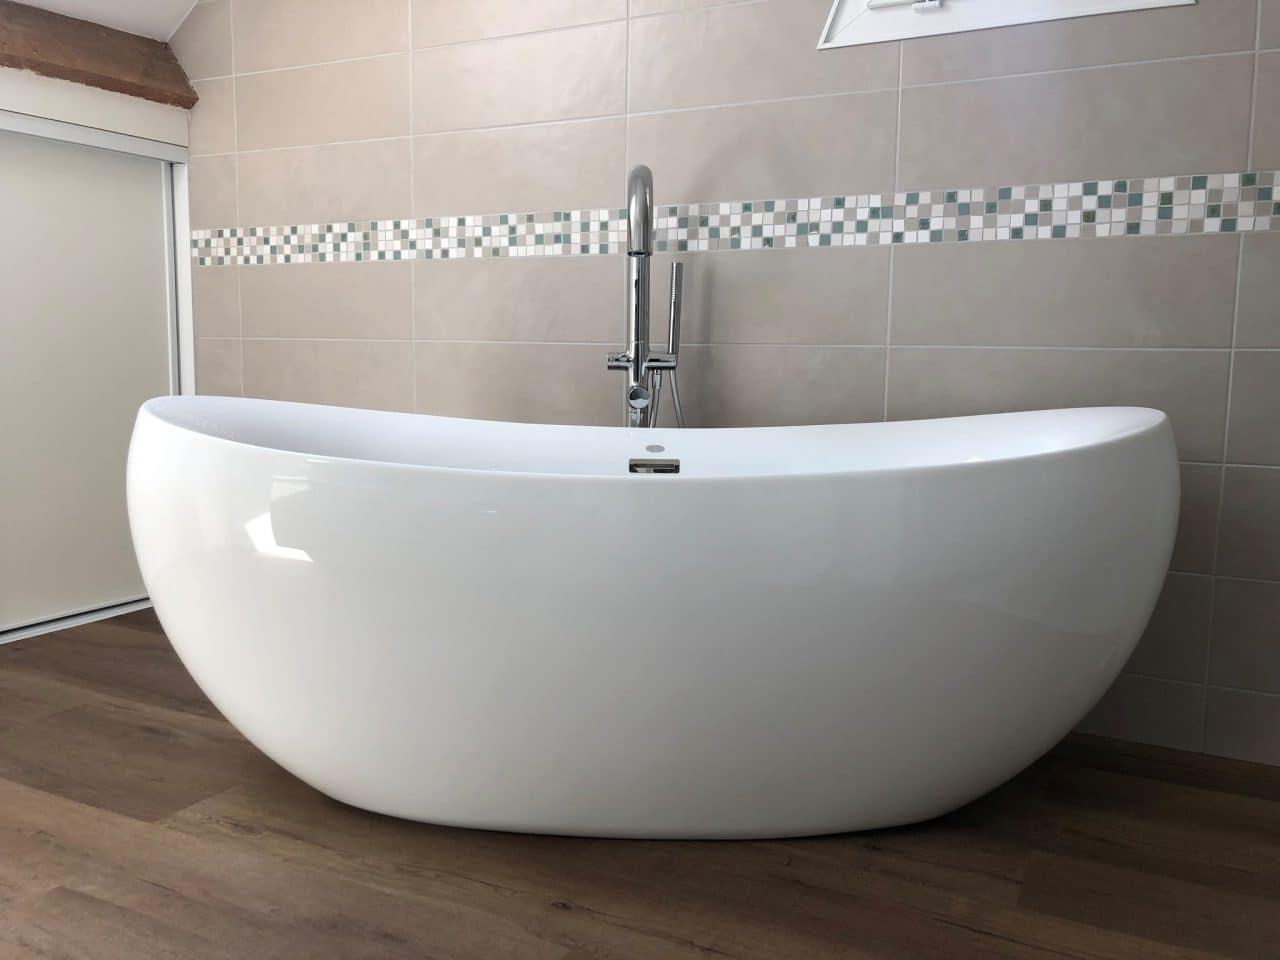 rénovation salle de bain carrelage faïence baignoire sabot sol pvc imitation parquet Chanteloup-en-Brie